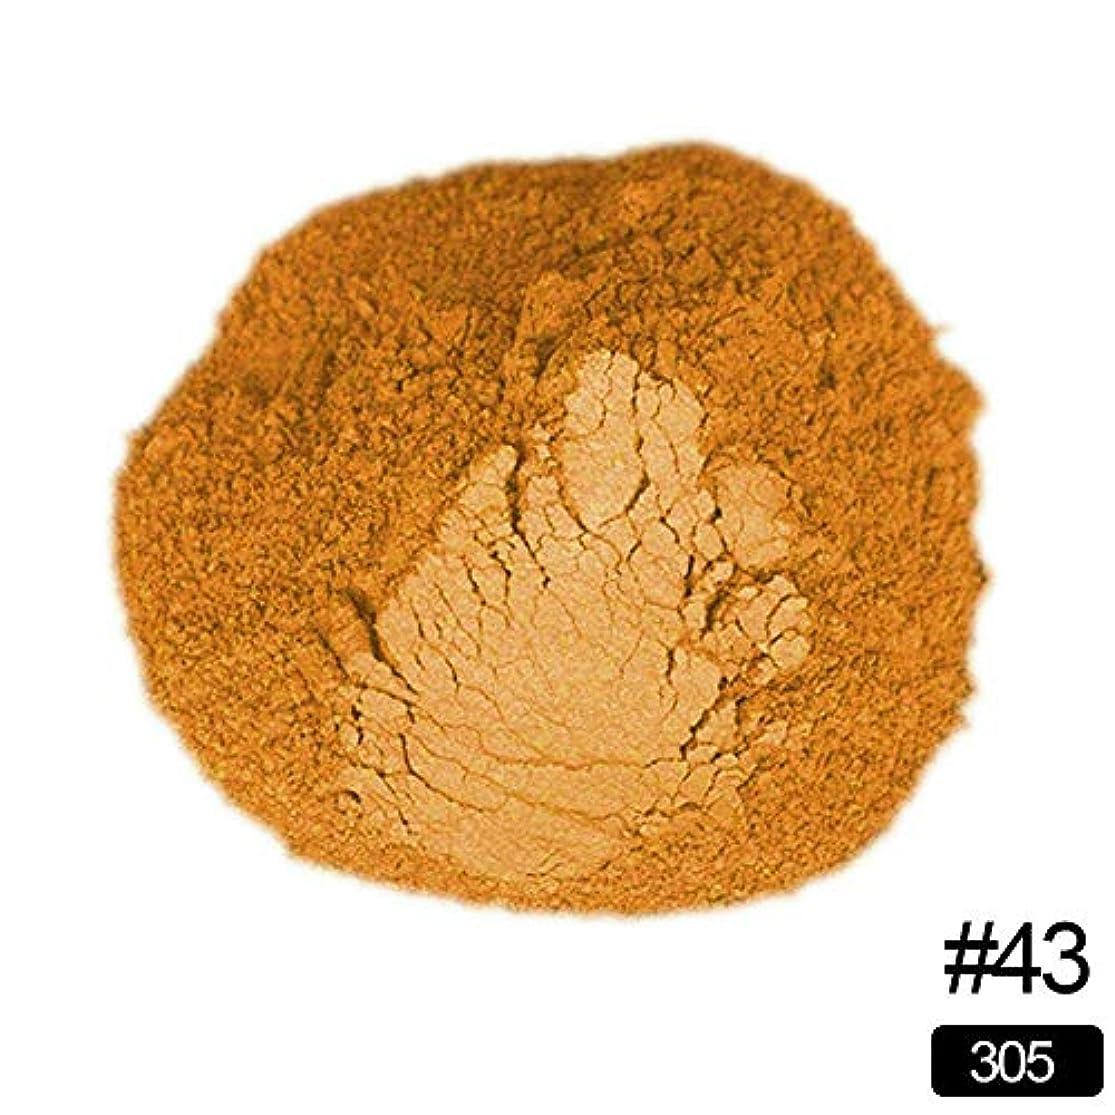 ポットサンプル広告BETTER YOU (ベター ュー) 夏のアイシャドウ、口紅、フリッカー、カラフル、崩れない、ぼかしやすい、69色 目、唇、フリッカー、ハイライト (AAN 4605)